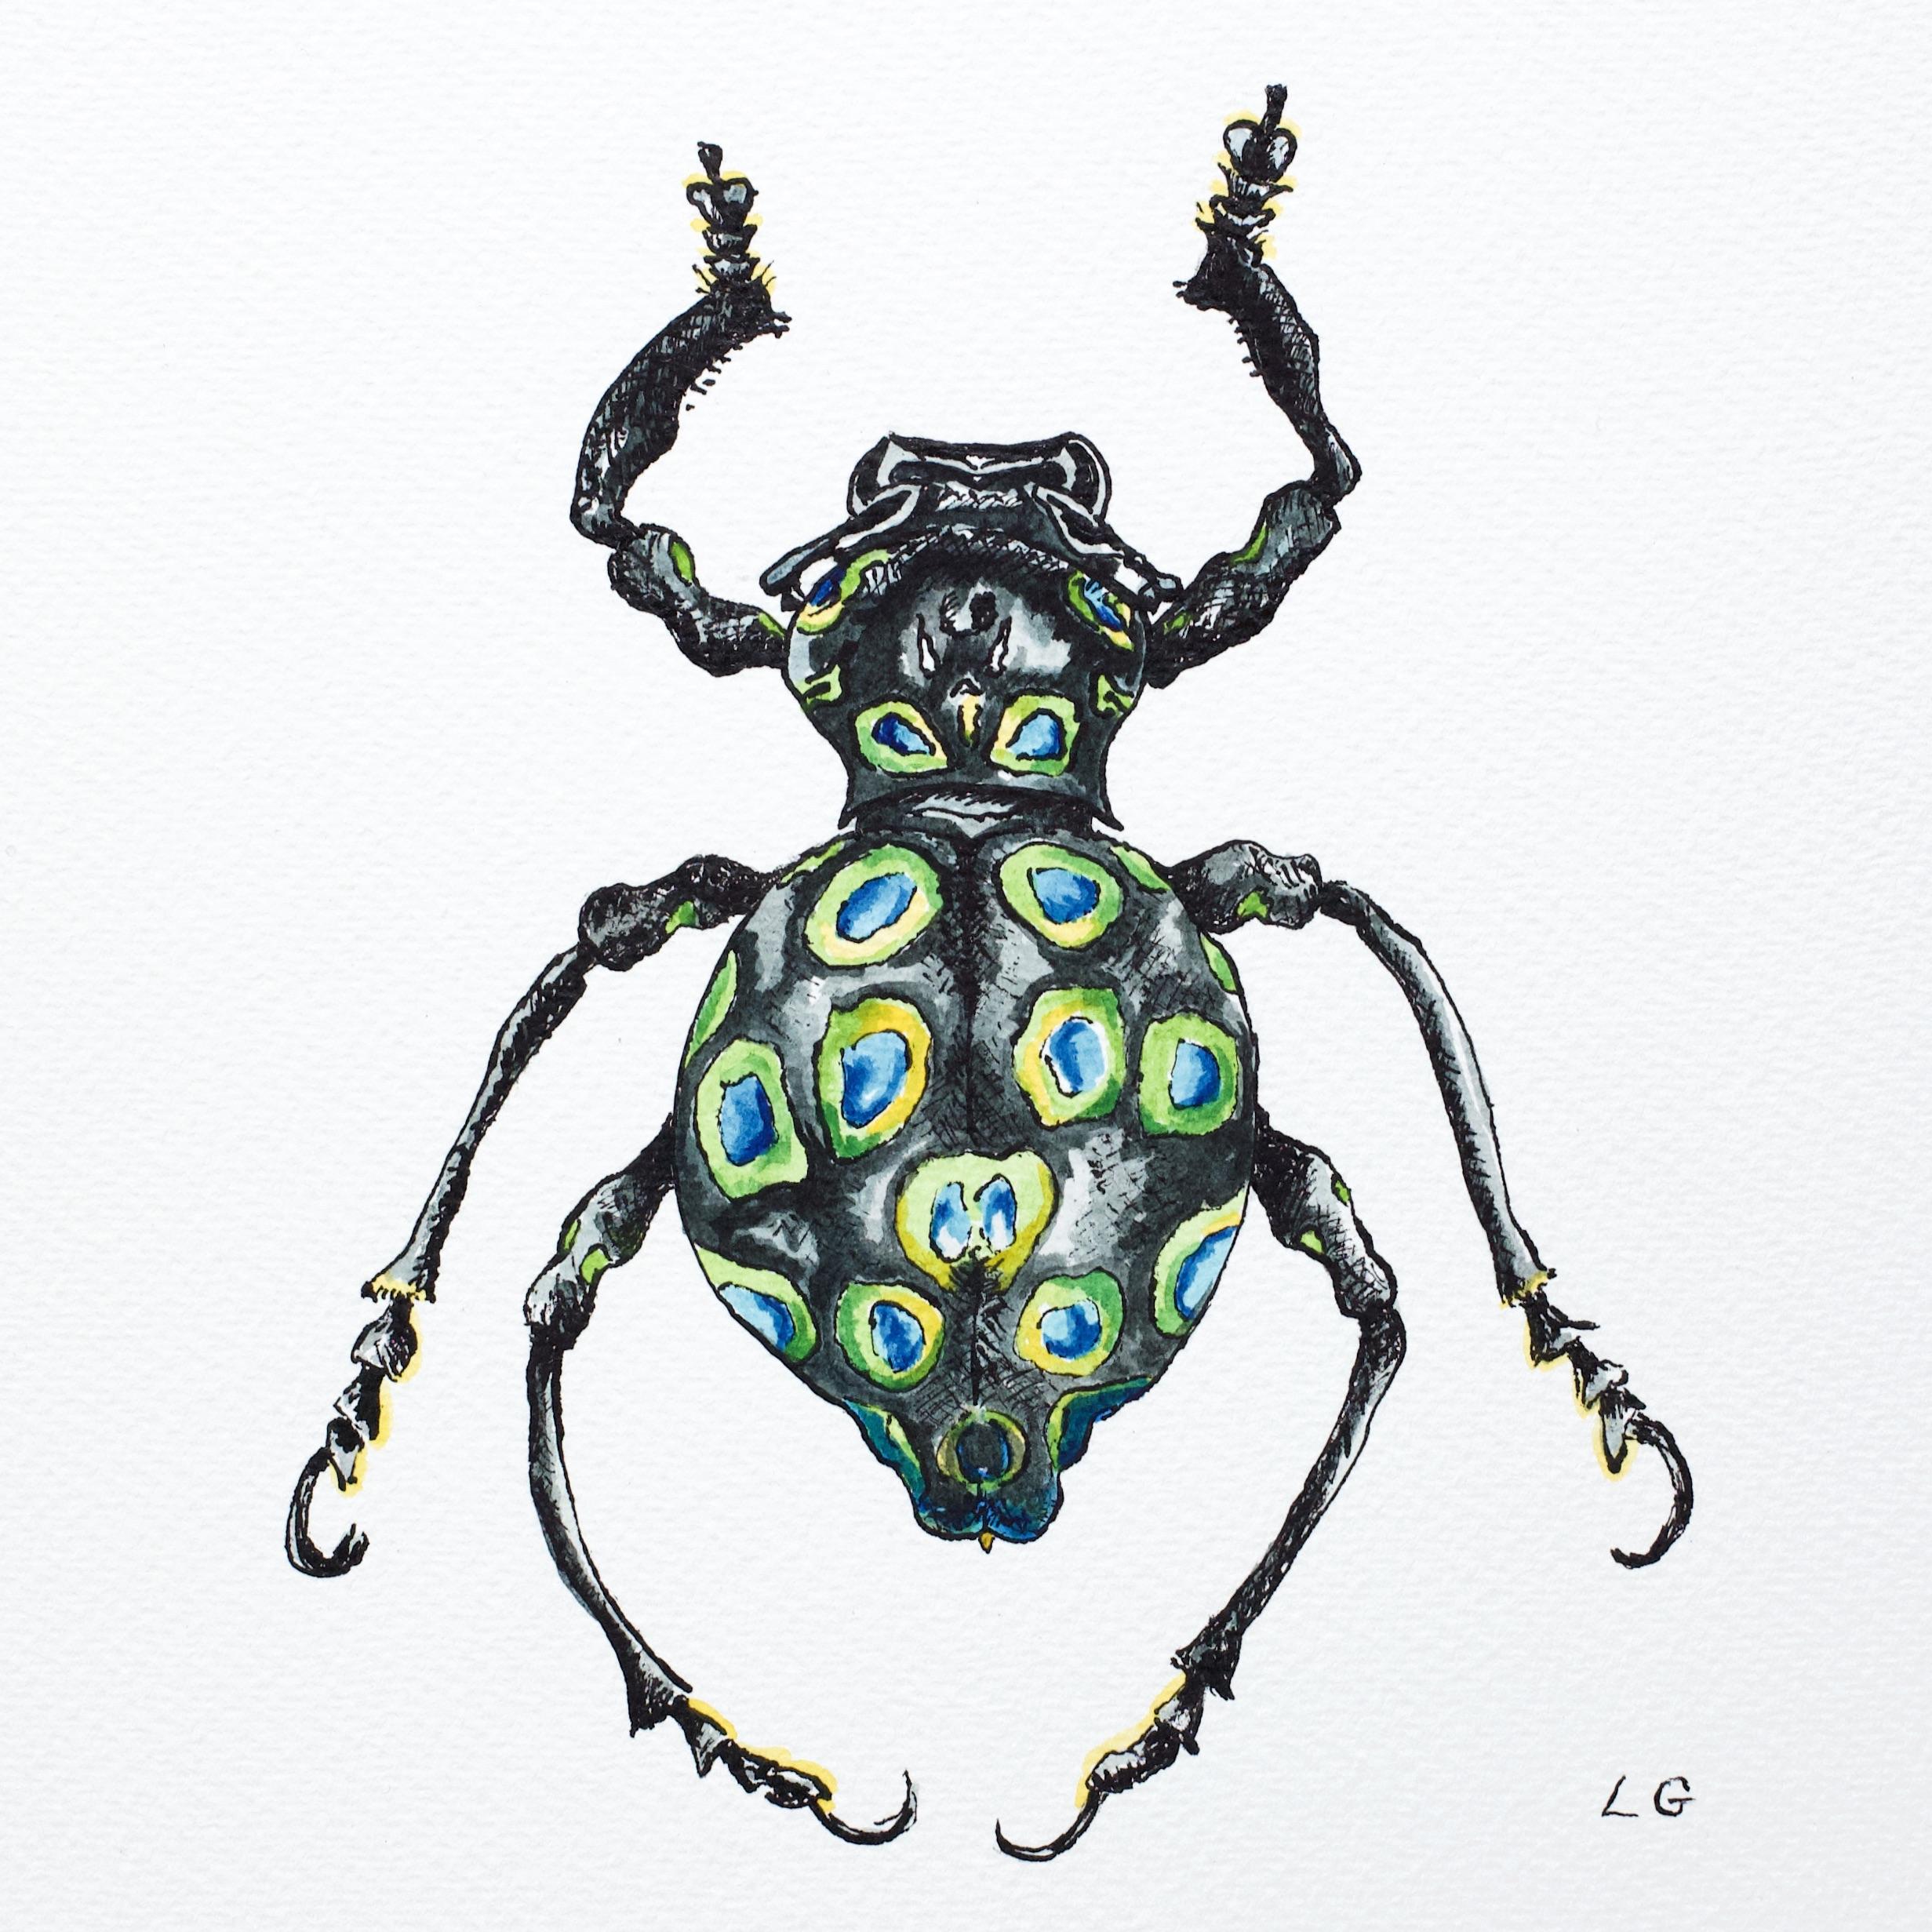 Polkadot Rainbow Weevil